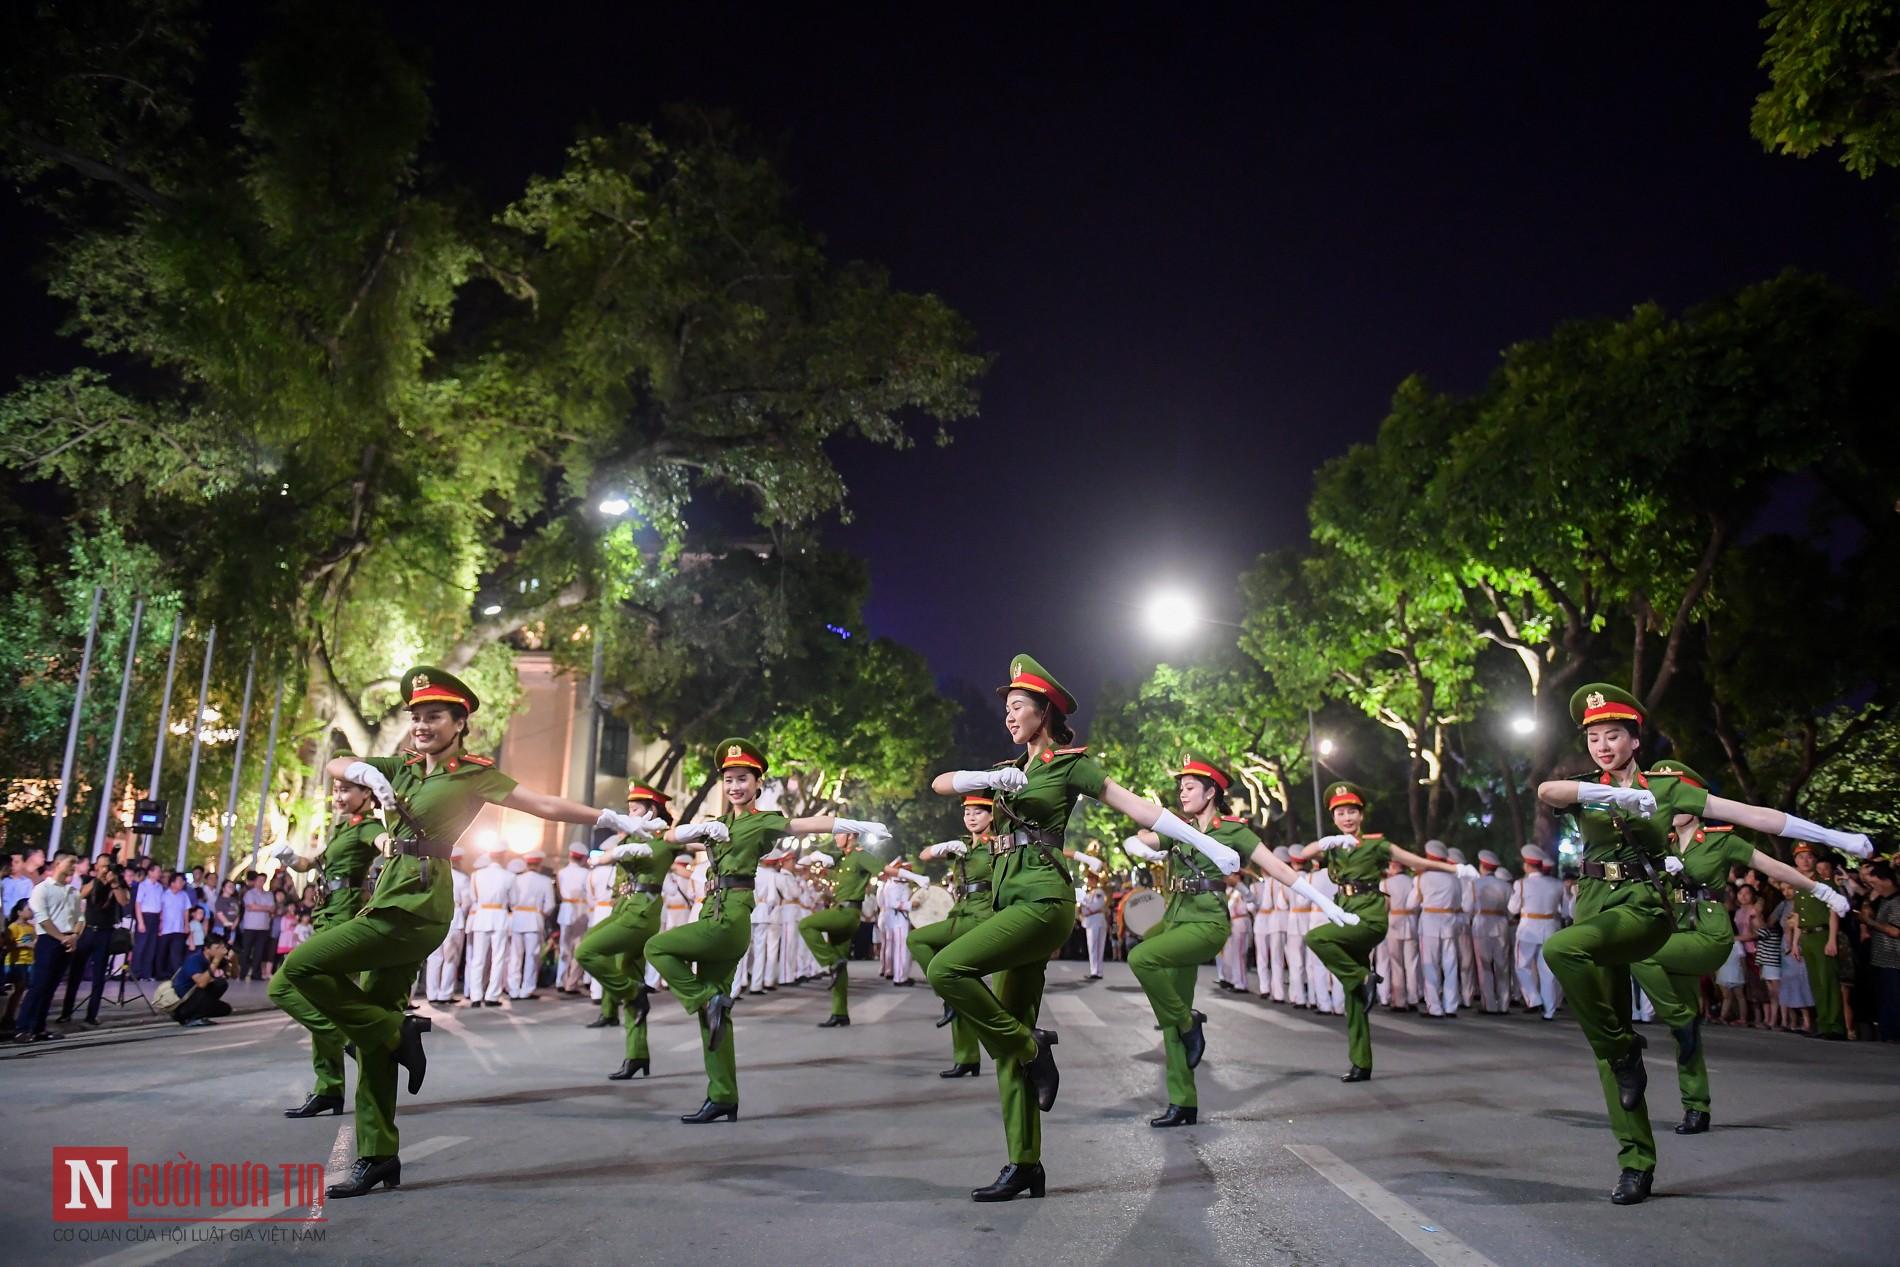 Đoàn nghi lễ Công an Nhân dân lần đầu tiên diểu diễn tại phố đi bộ hồ Hoàn Kiếm 8